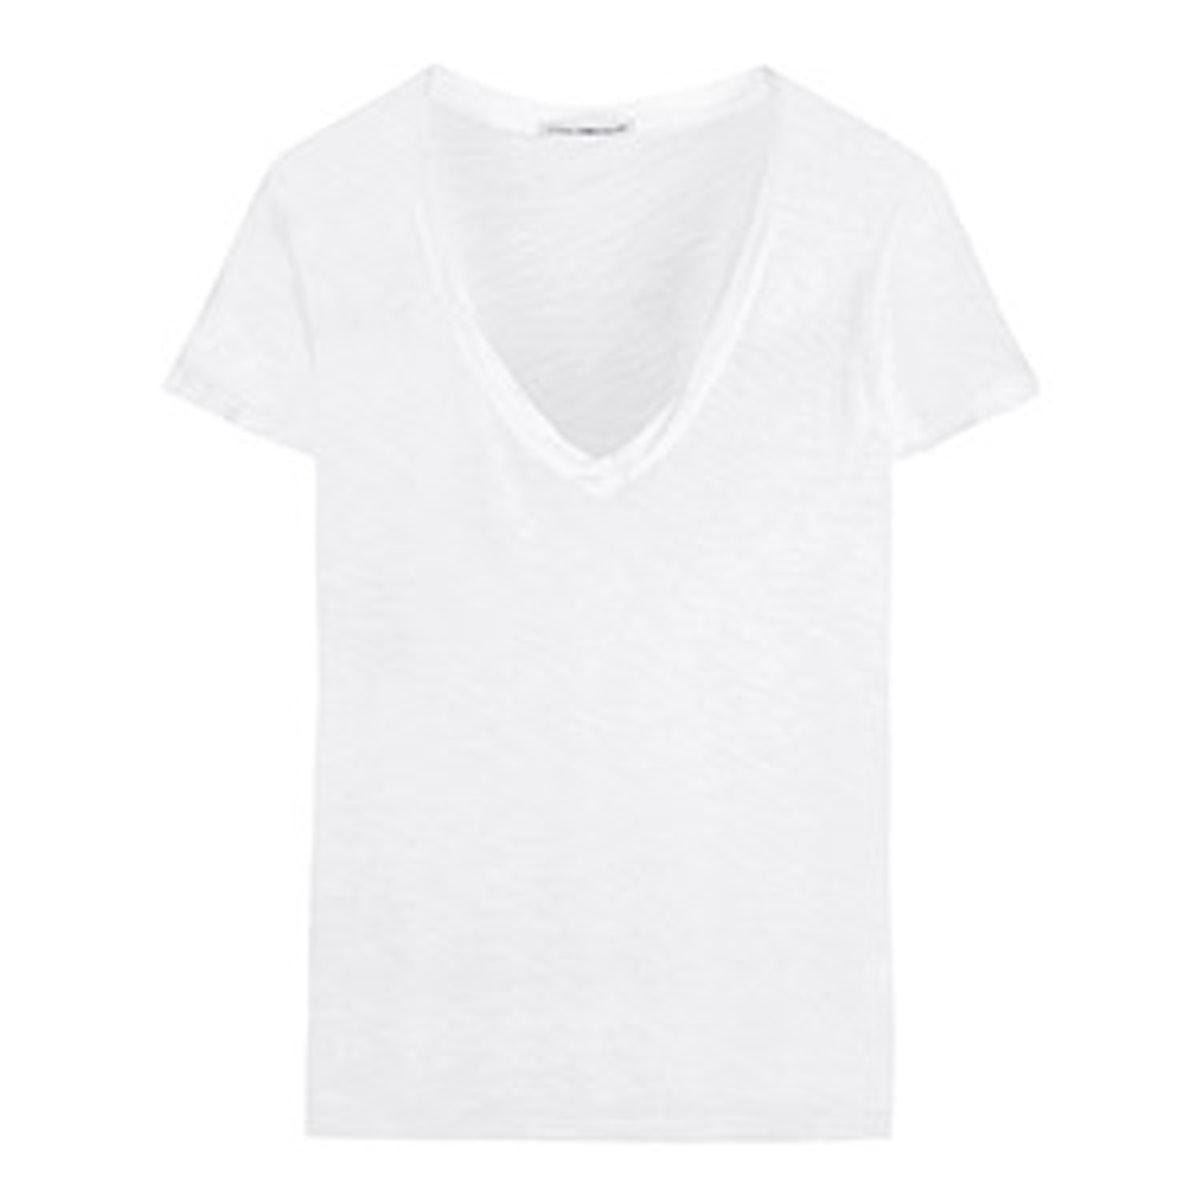 Casual Slub Cotton T-Shirt